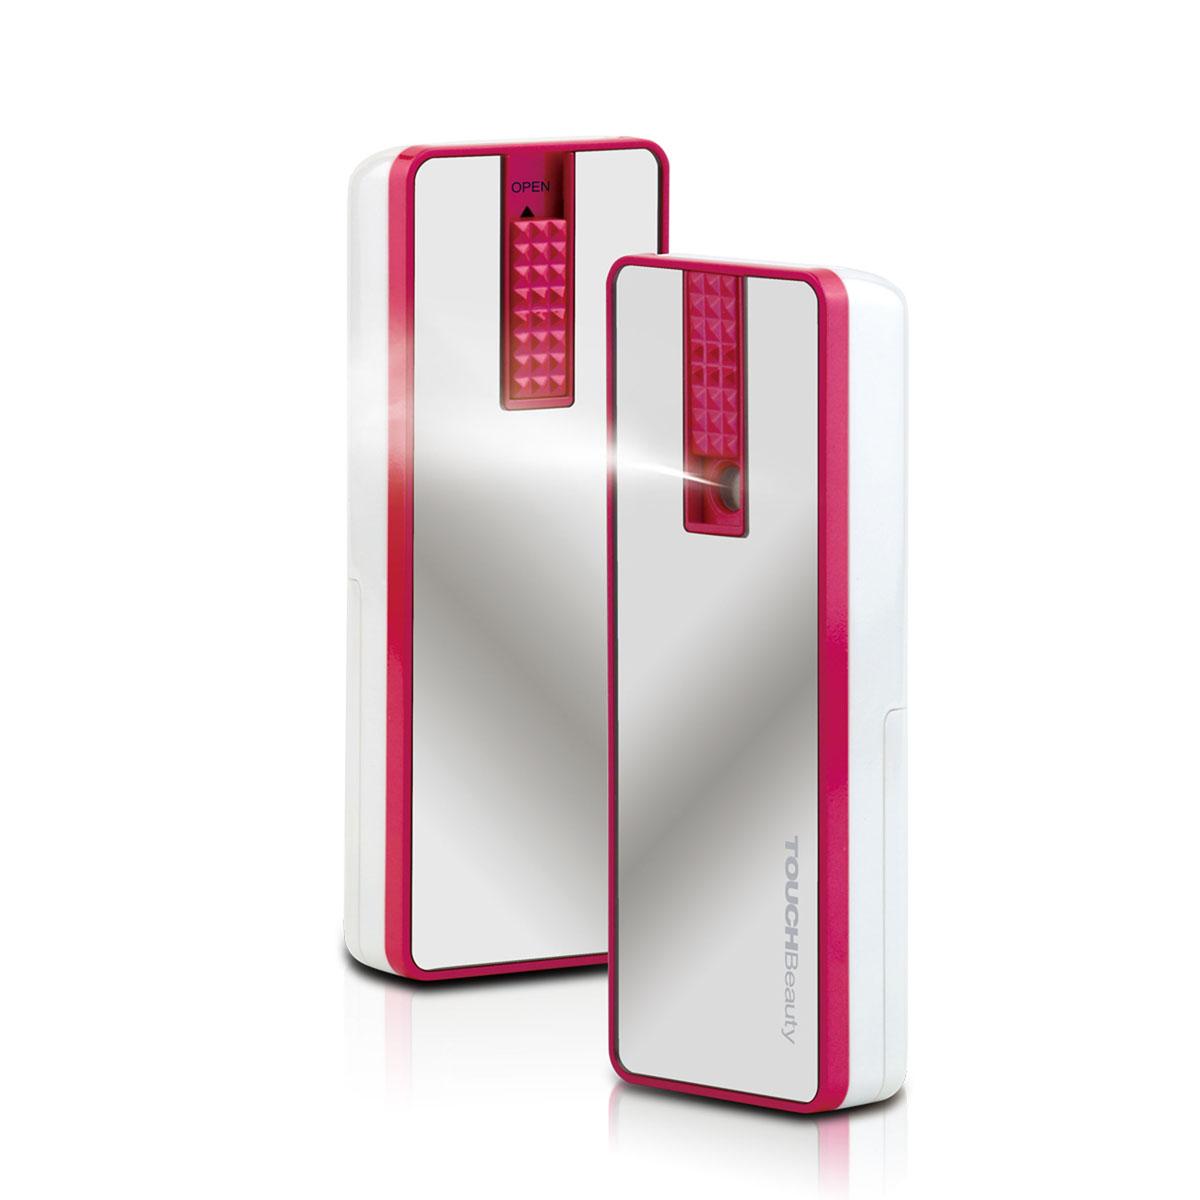 Прибор для увлажнения кожи Touchbeauty AS-1189AS-1189Увлажнитель-спрей для лица Touchbeauty AS-1189. Нано-ионная технология распыления. Прибор имеет компактный размер - идеален для путешествий, в транспорте и для офиса. Стильный зеркальный дизайн.